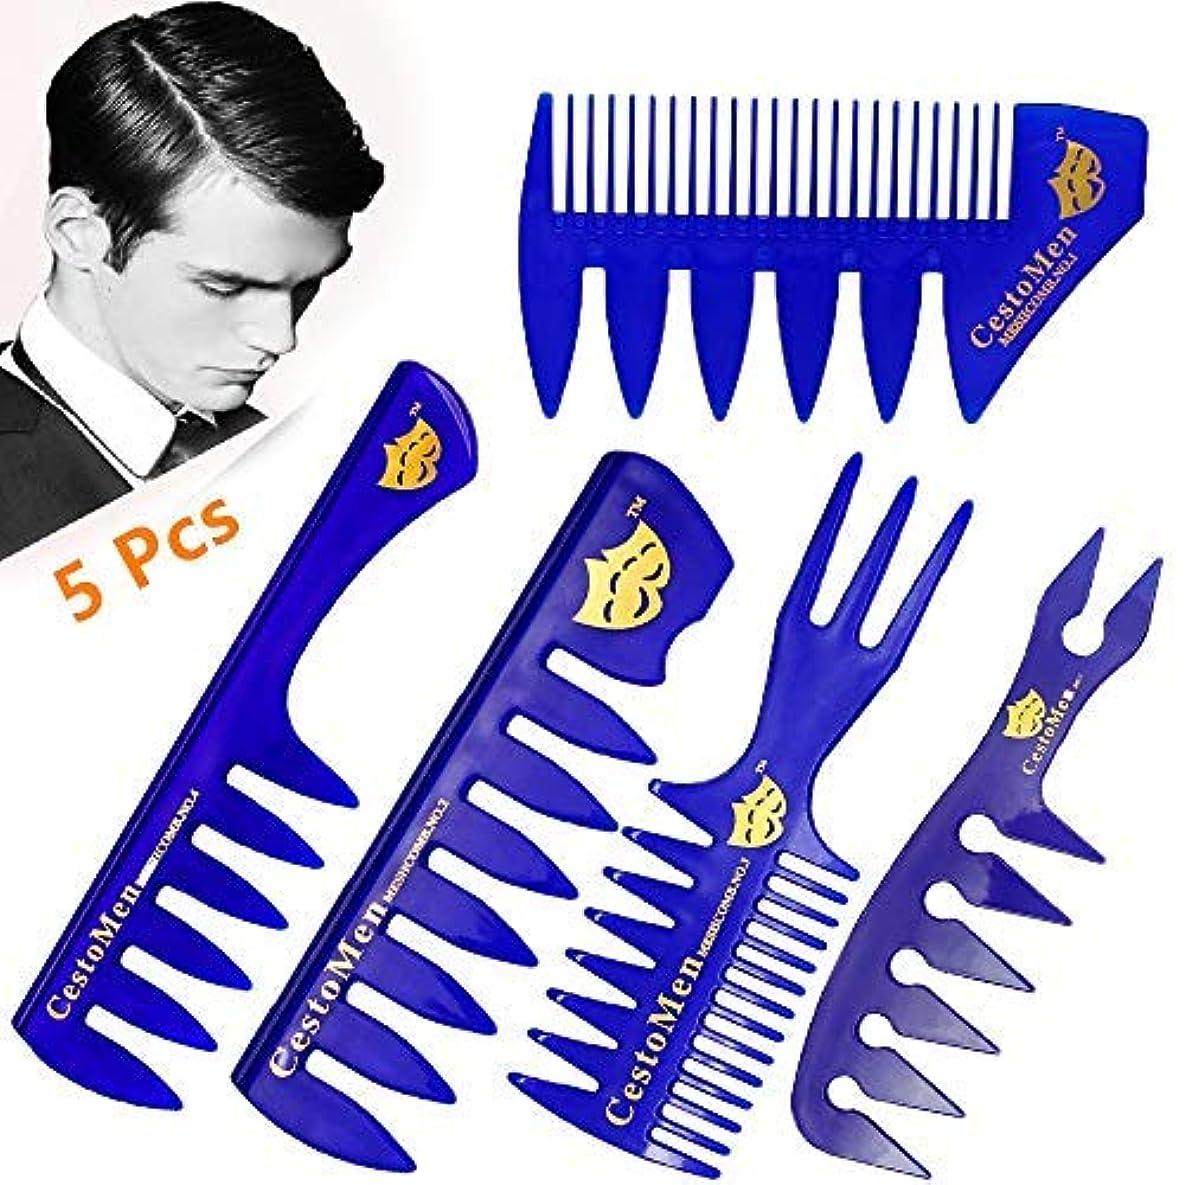 タオルリル東部5 Pack Hair Professional Teasing Combs - for Hairdressing, Barber, Hairstylist, Premium Quality Anti Static Hair Brush Accessories - Great for Men & Boys [並行輸入品]